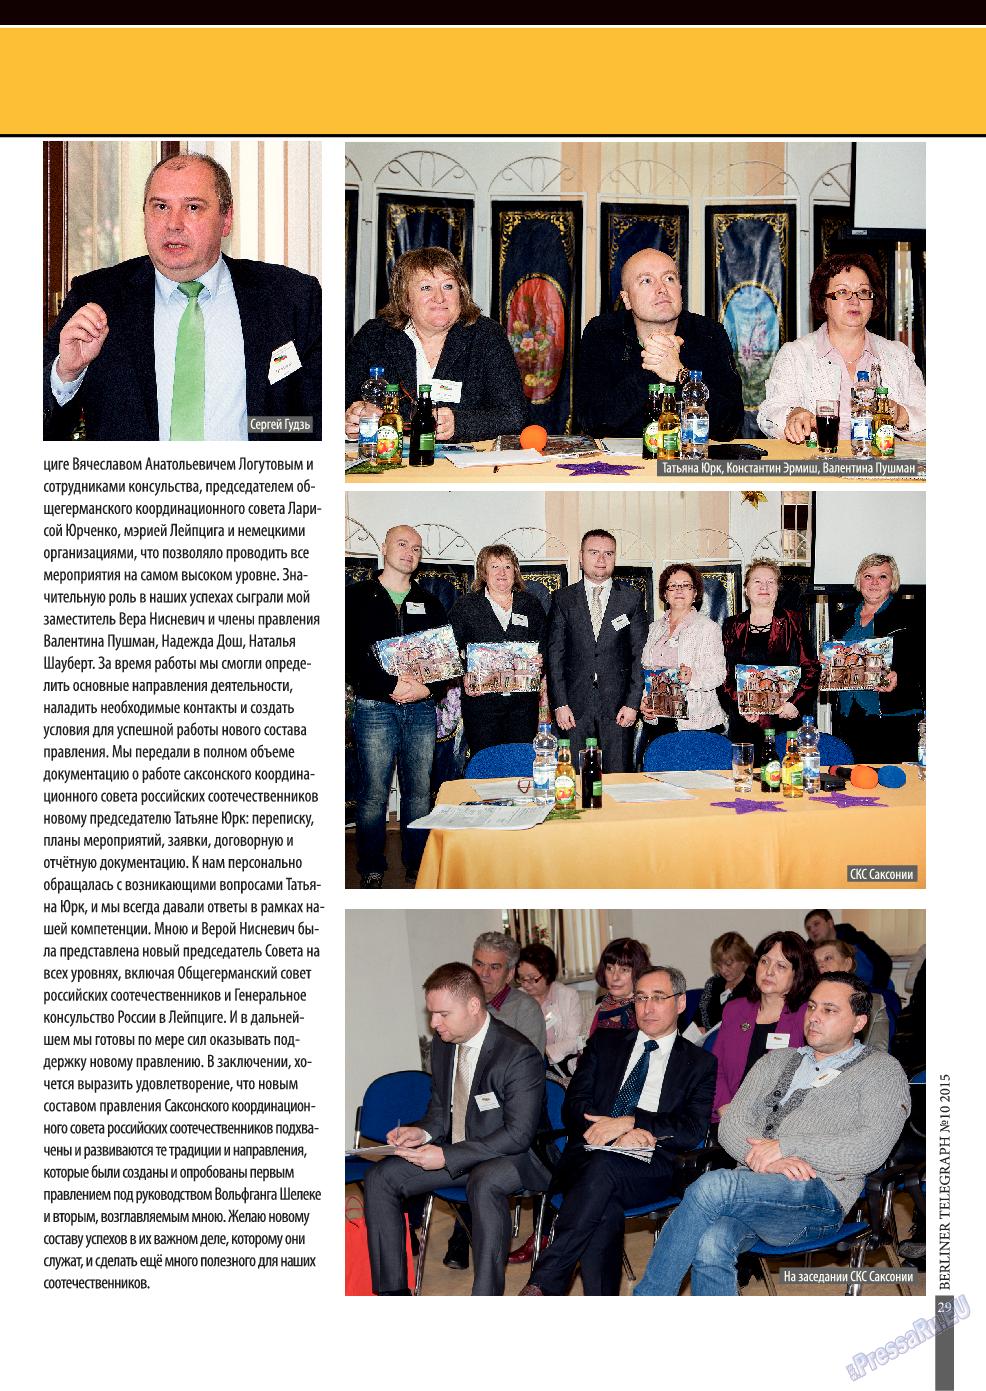 Берлинский телеграф (журнал). 2015 год, номер 11, стр. 29